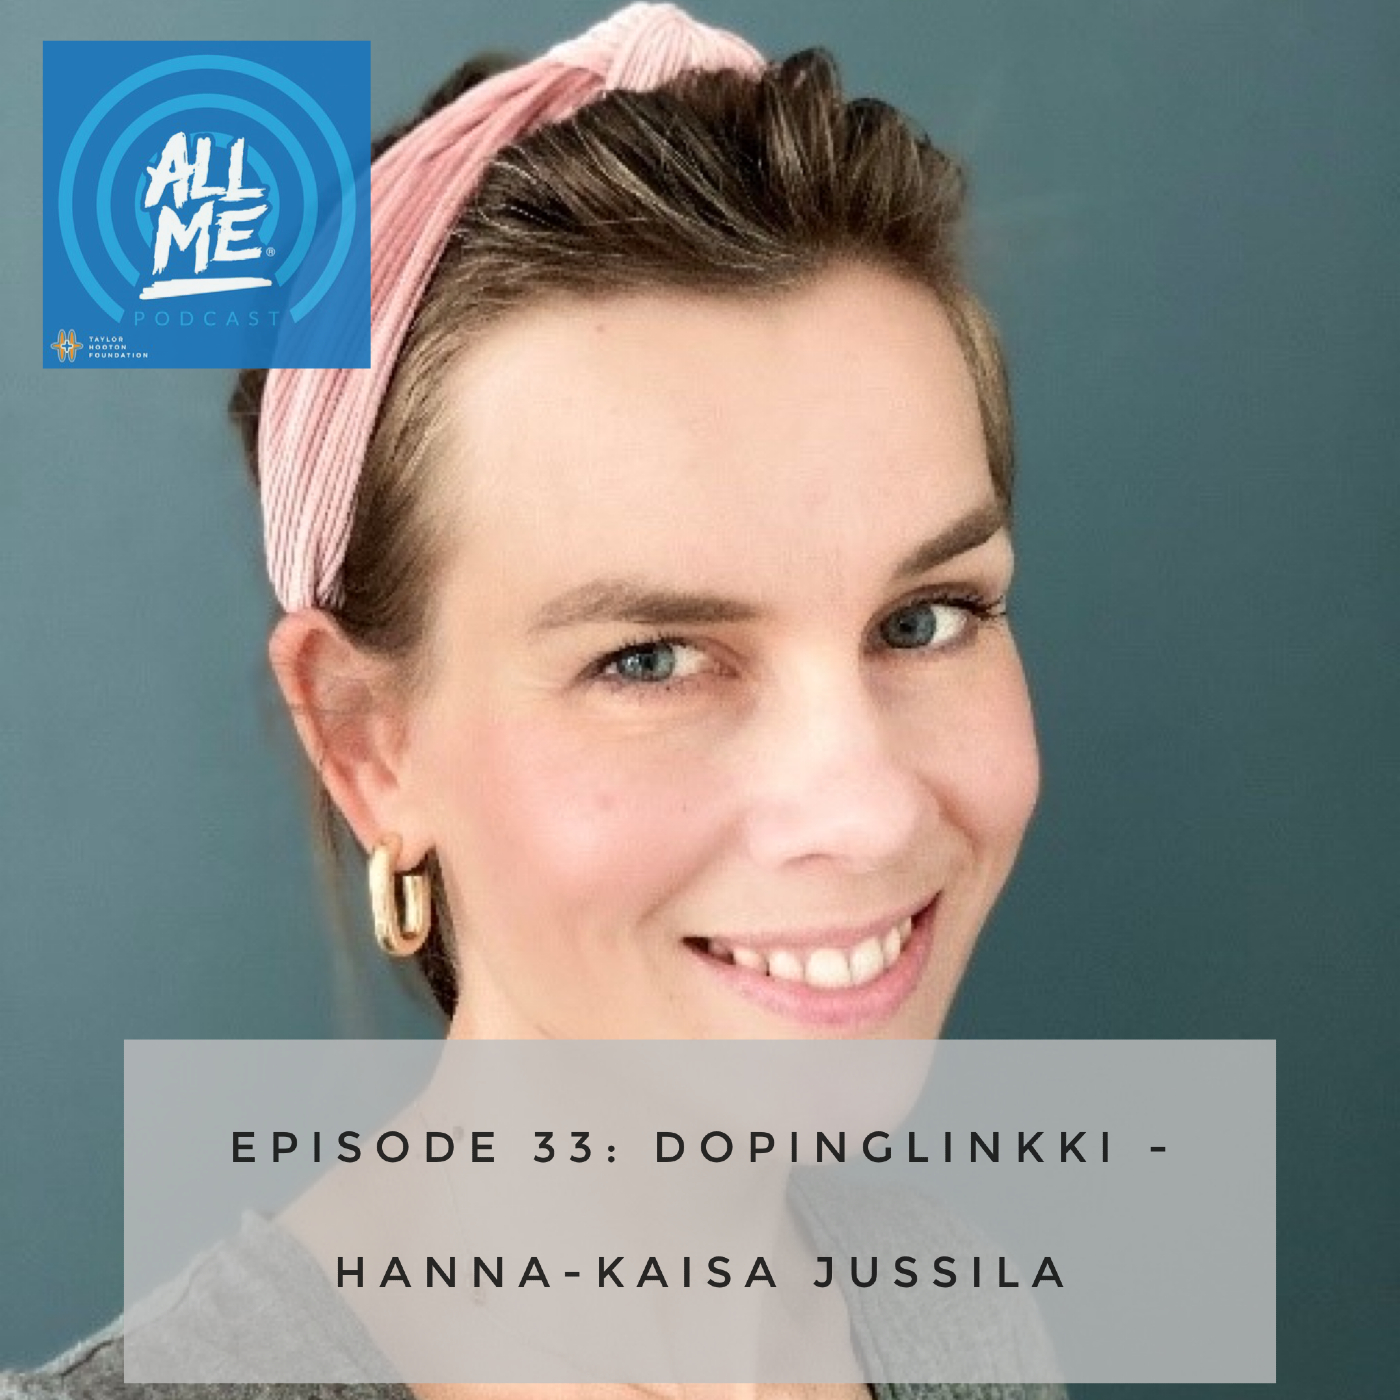 Episode 33: Dopinglinkki - Hanna-Kaisa Jussila